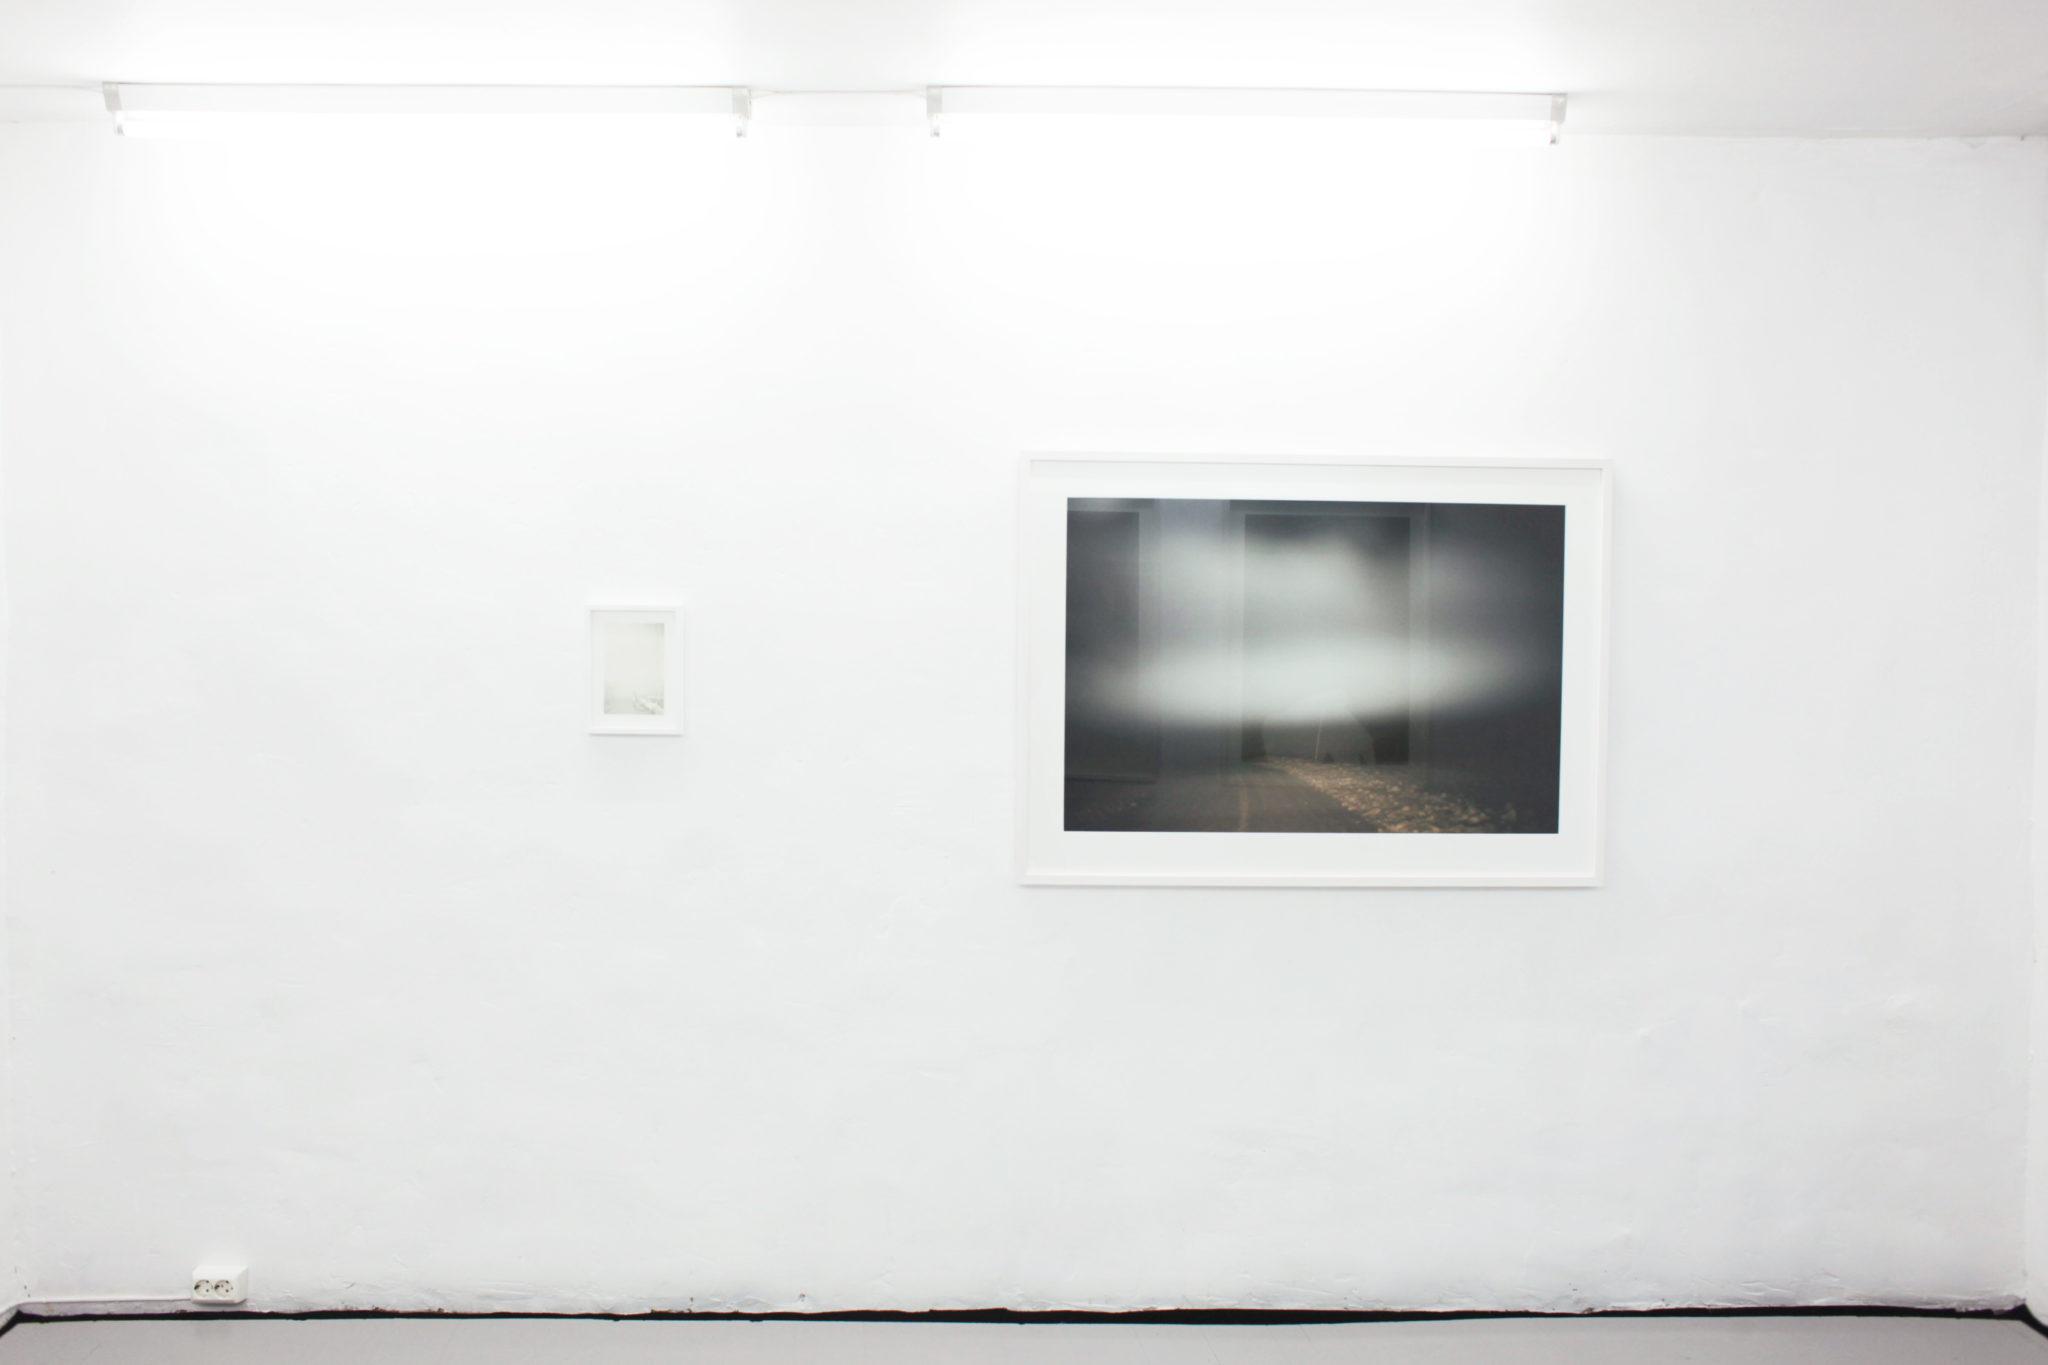 Ola Rindal - Night Visions - MELK 2010